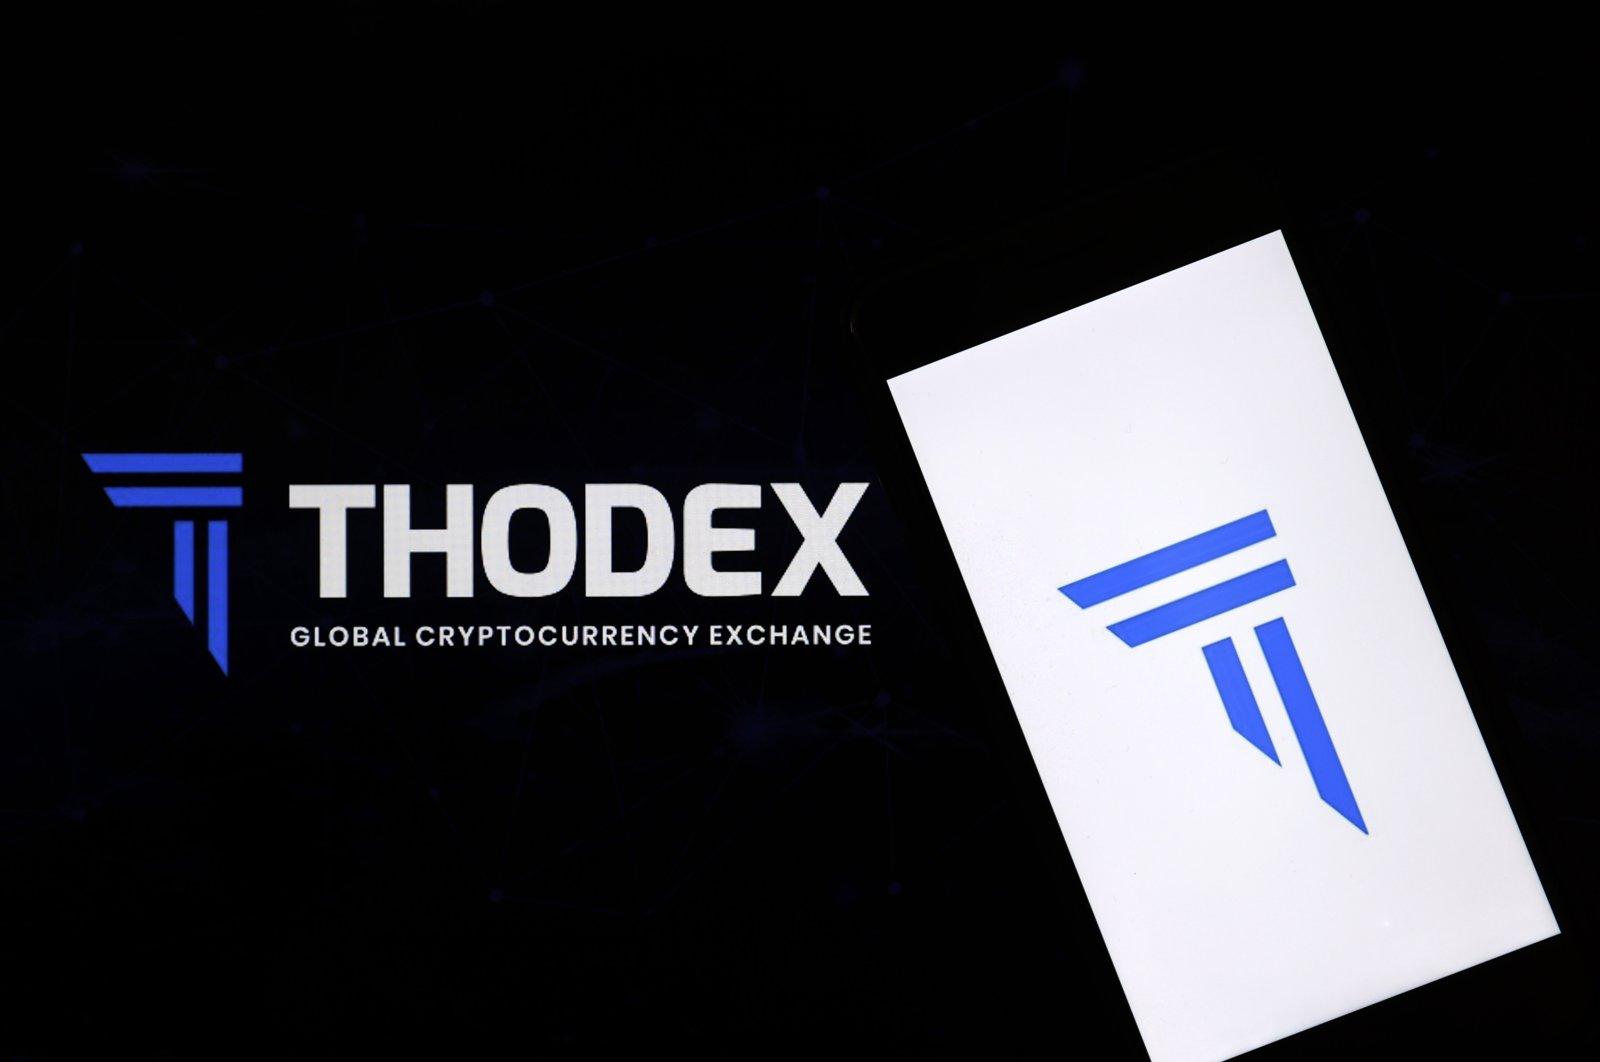 Turecka giełda kryptowalut Thodex oskarżona o oszustwo na 2 miliardy dolarów